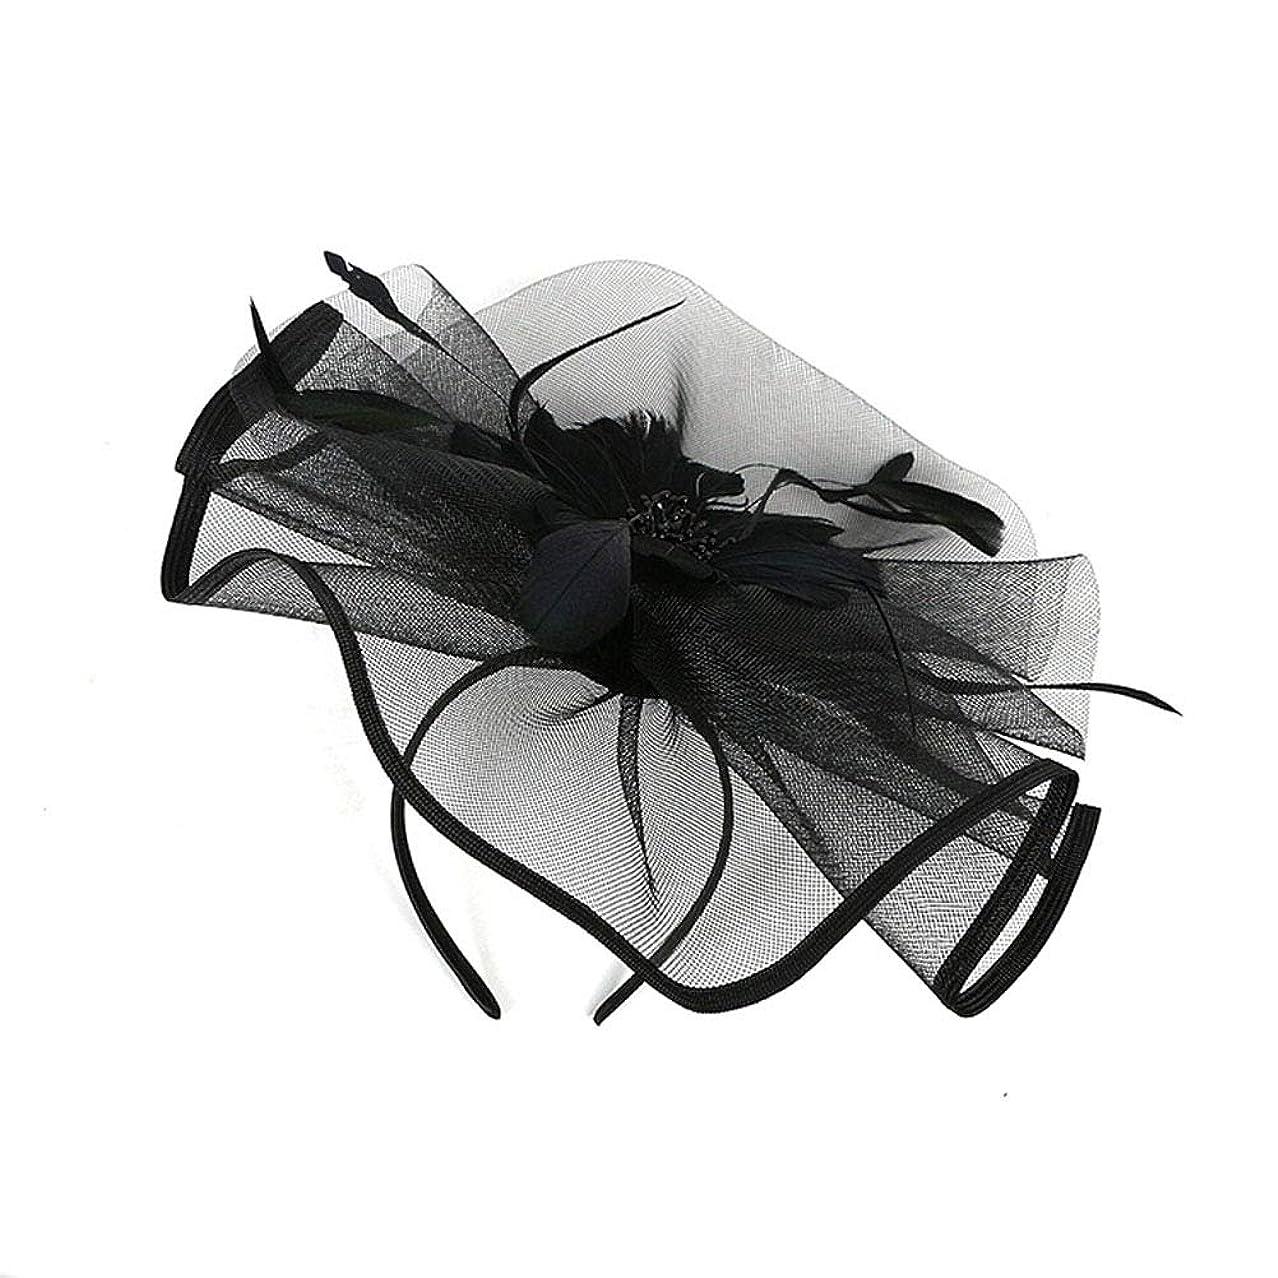 パンツ無条件トークンLURROSE 花メッシュフェザーハットクリップ魅惑的な帽子メッシュフラワーヘアクリップヘッドバンドダービーウェディングティーパーティーヘッドウェア(ブラック)